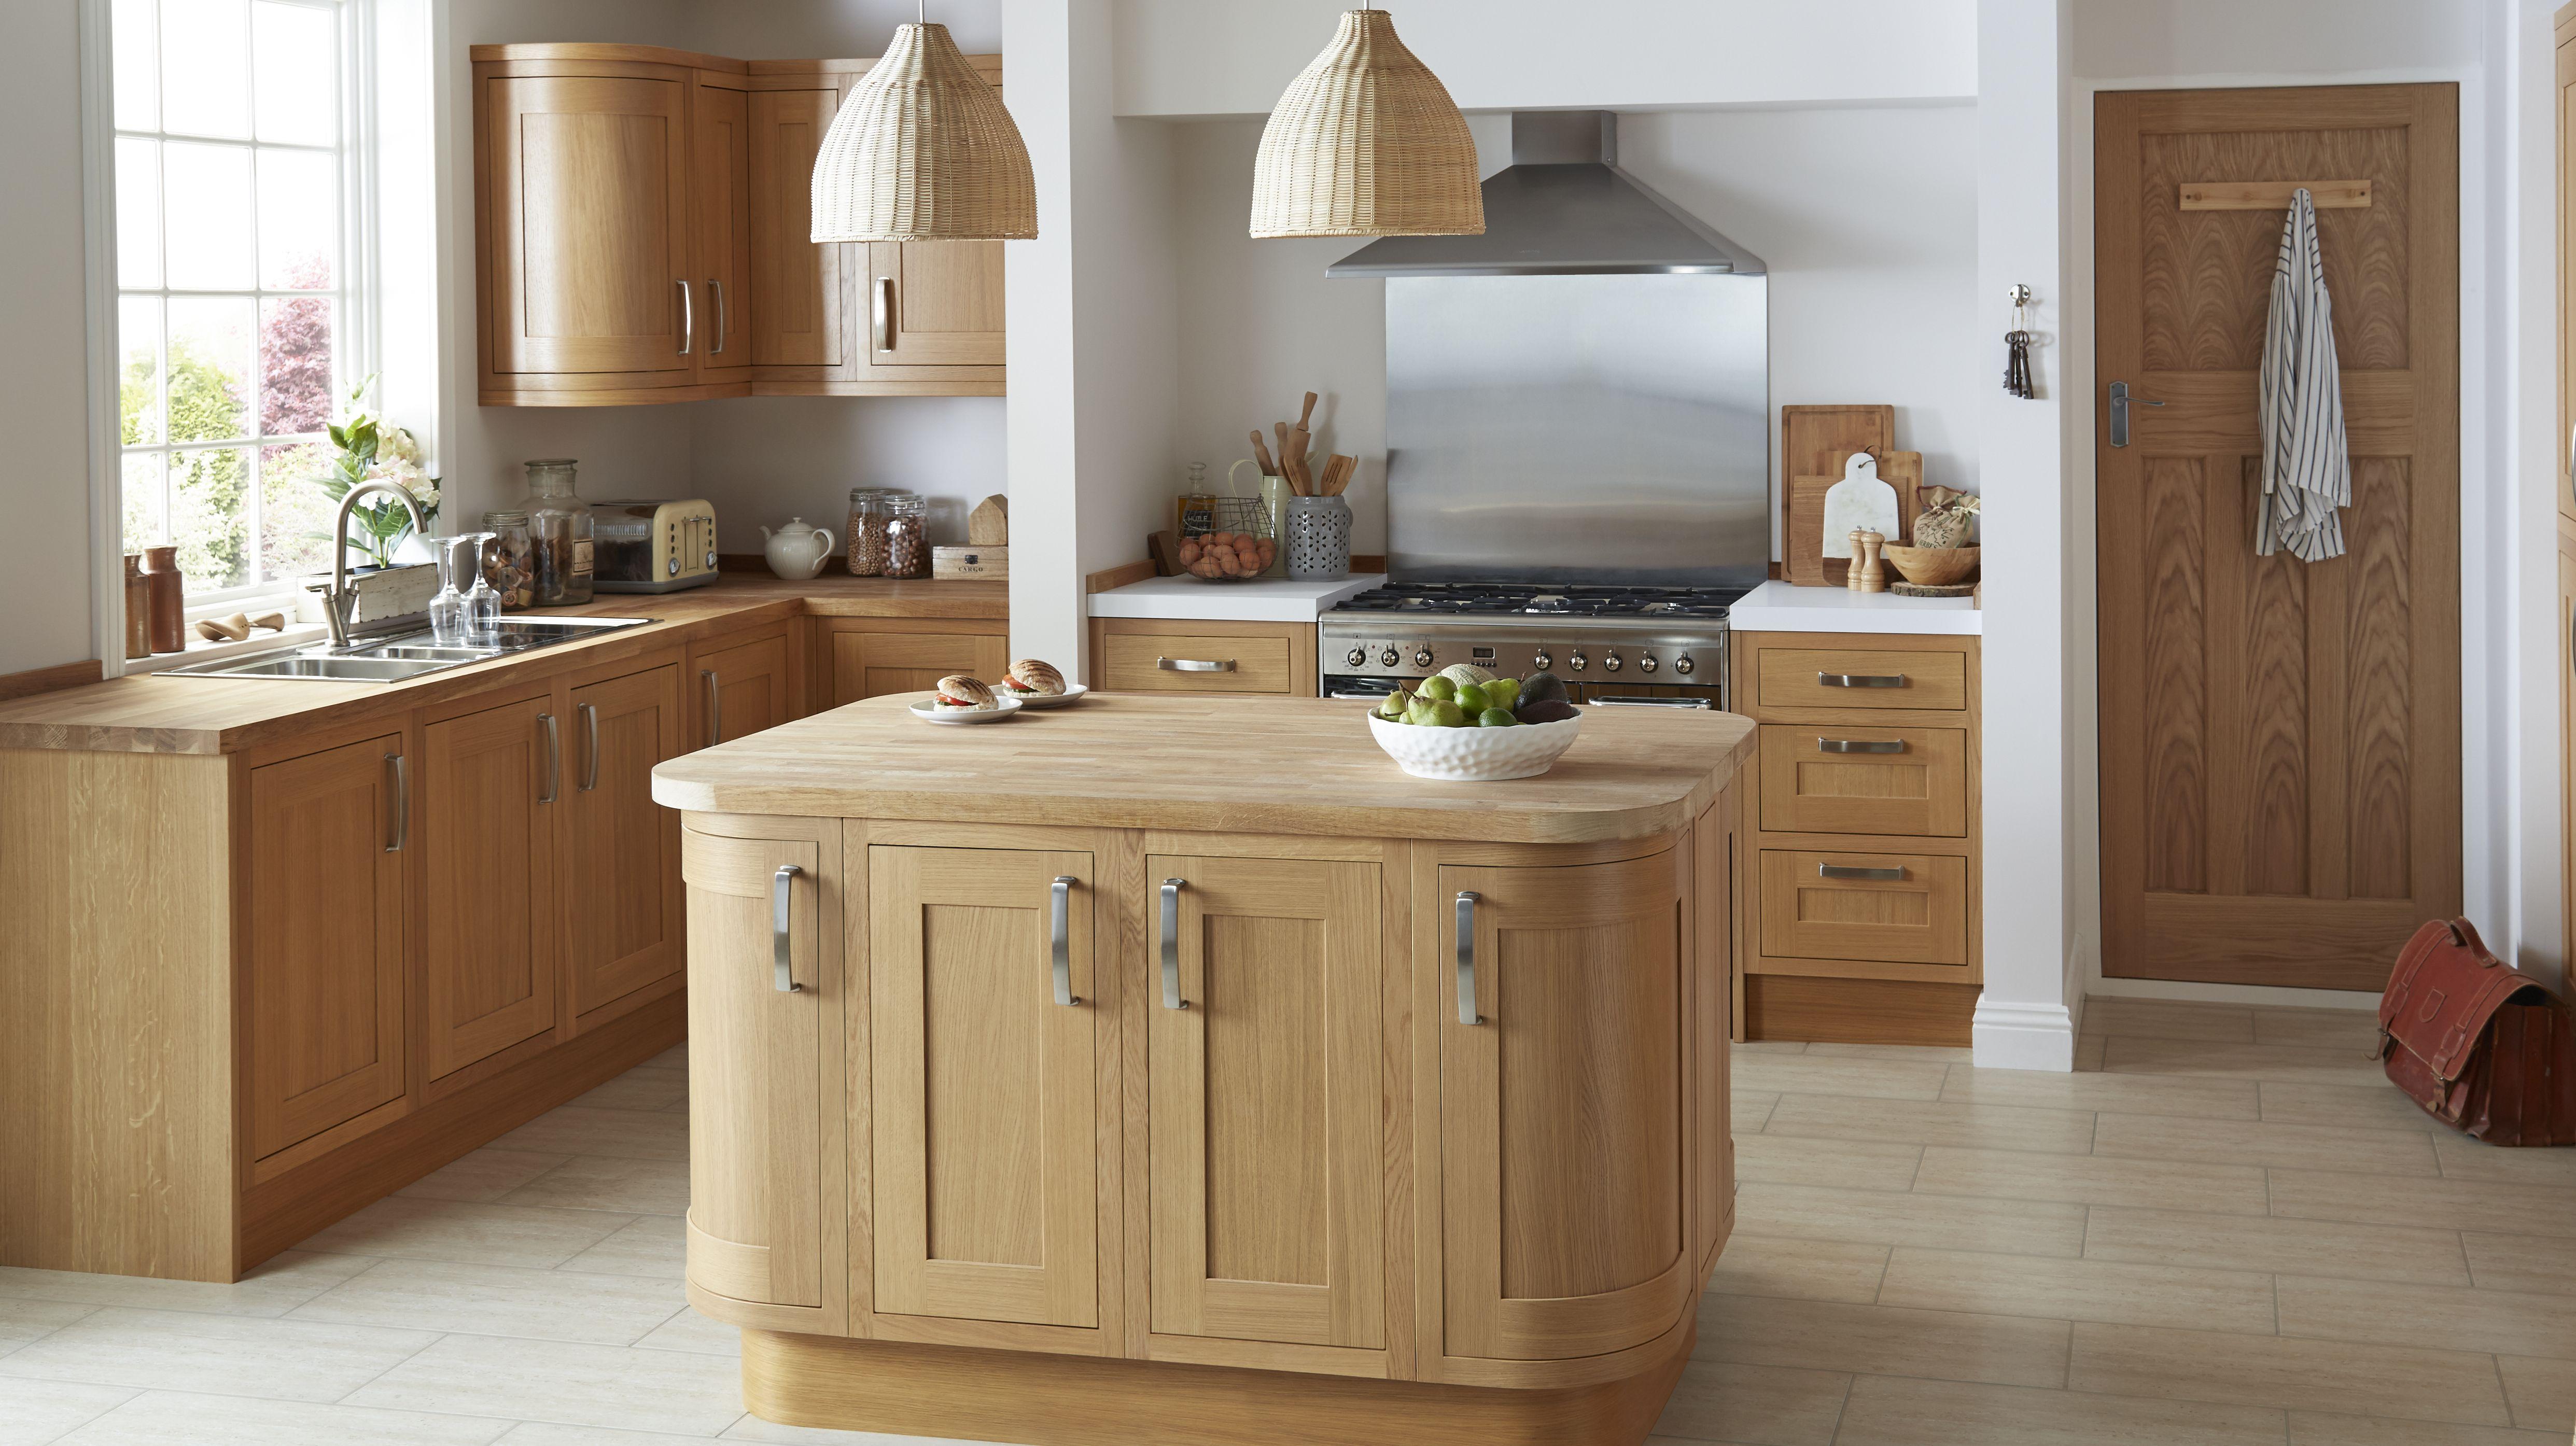 Cooke lewis carisbrooke oak framed kitchen